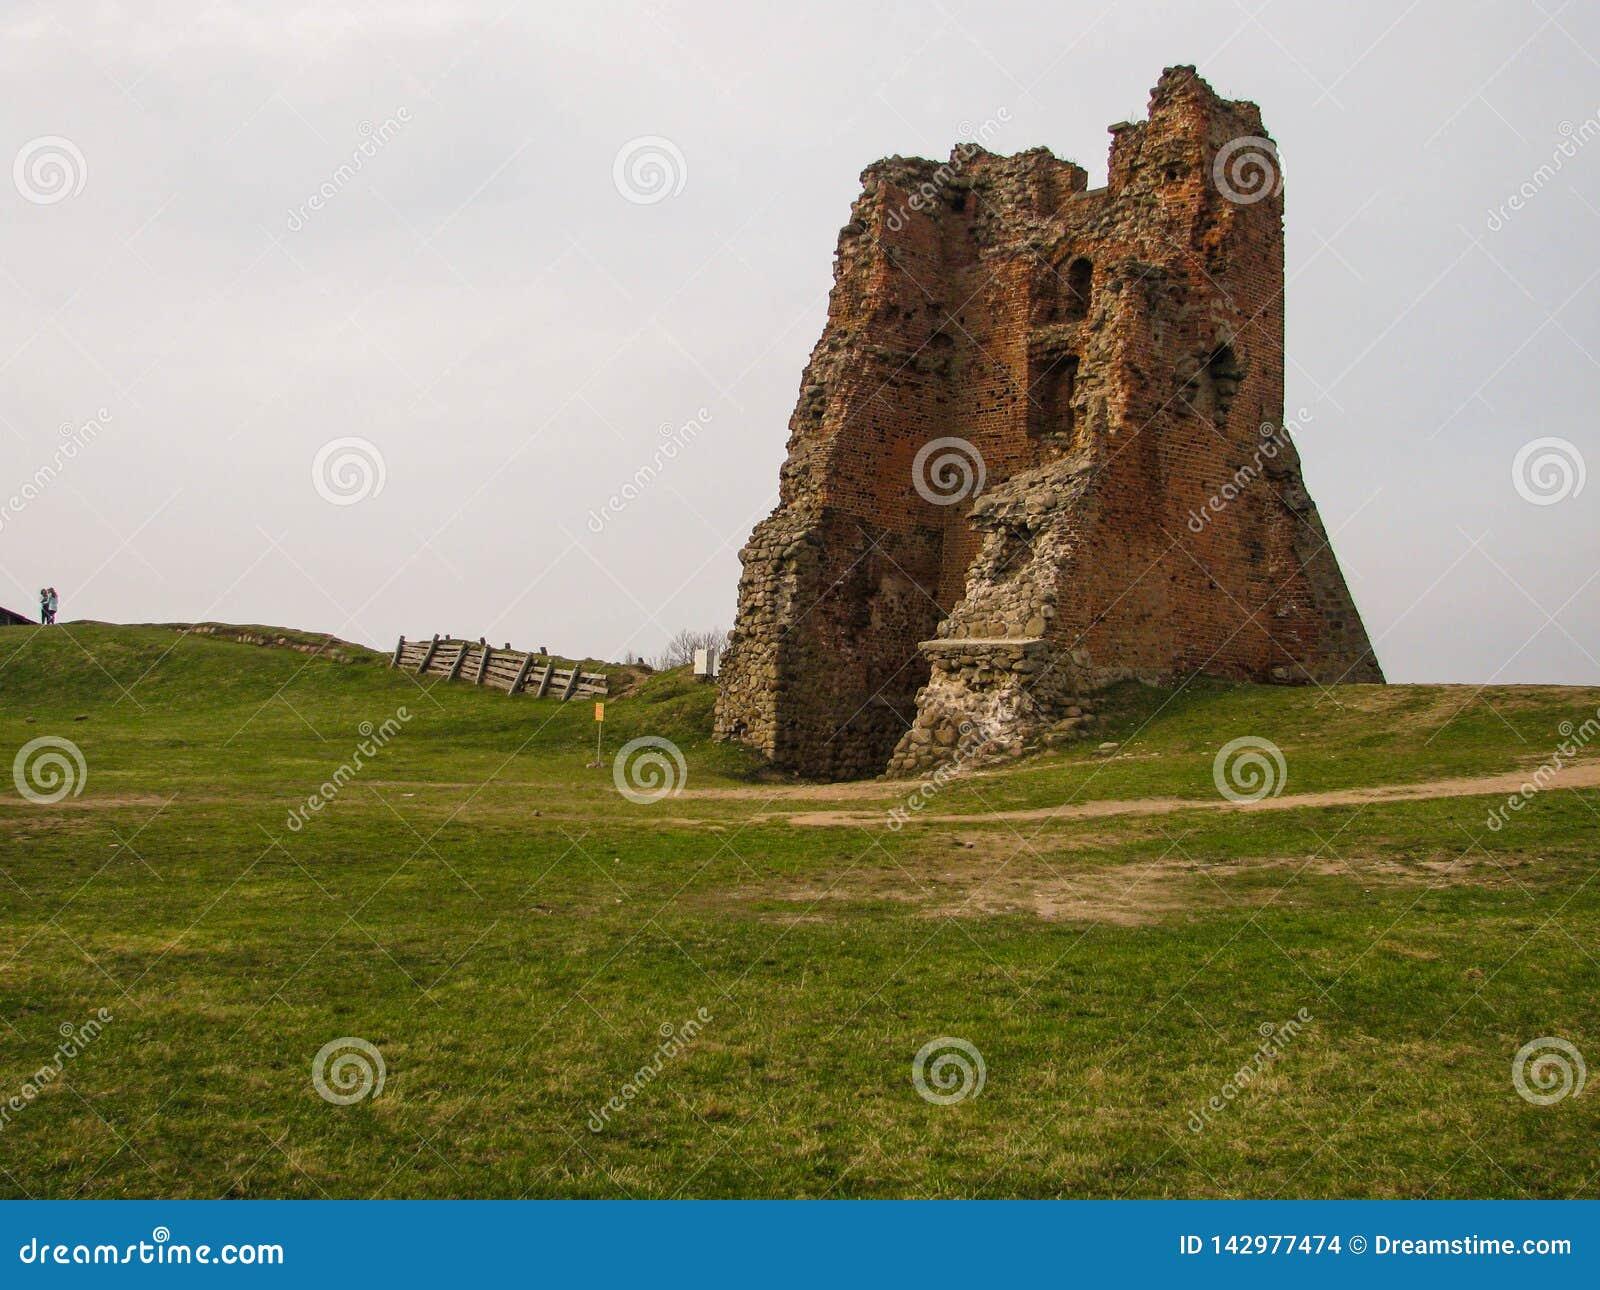 Las ruinas de un castillo feudal antiguo